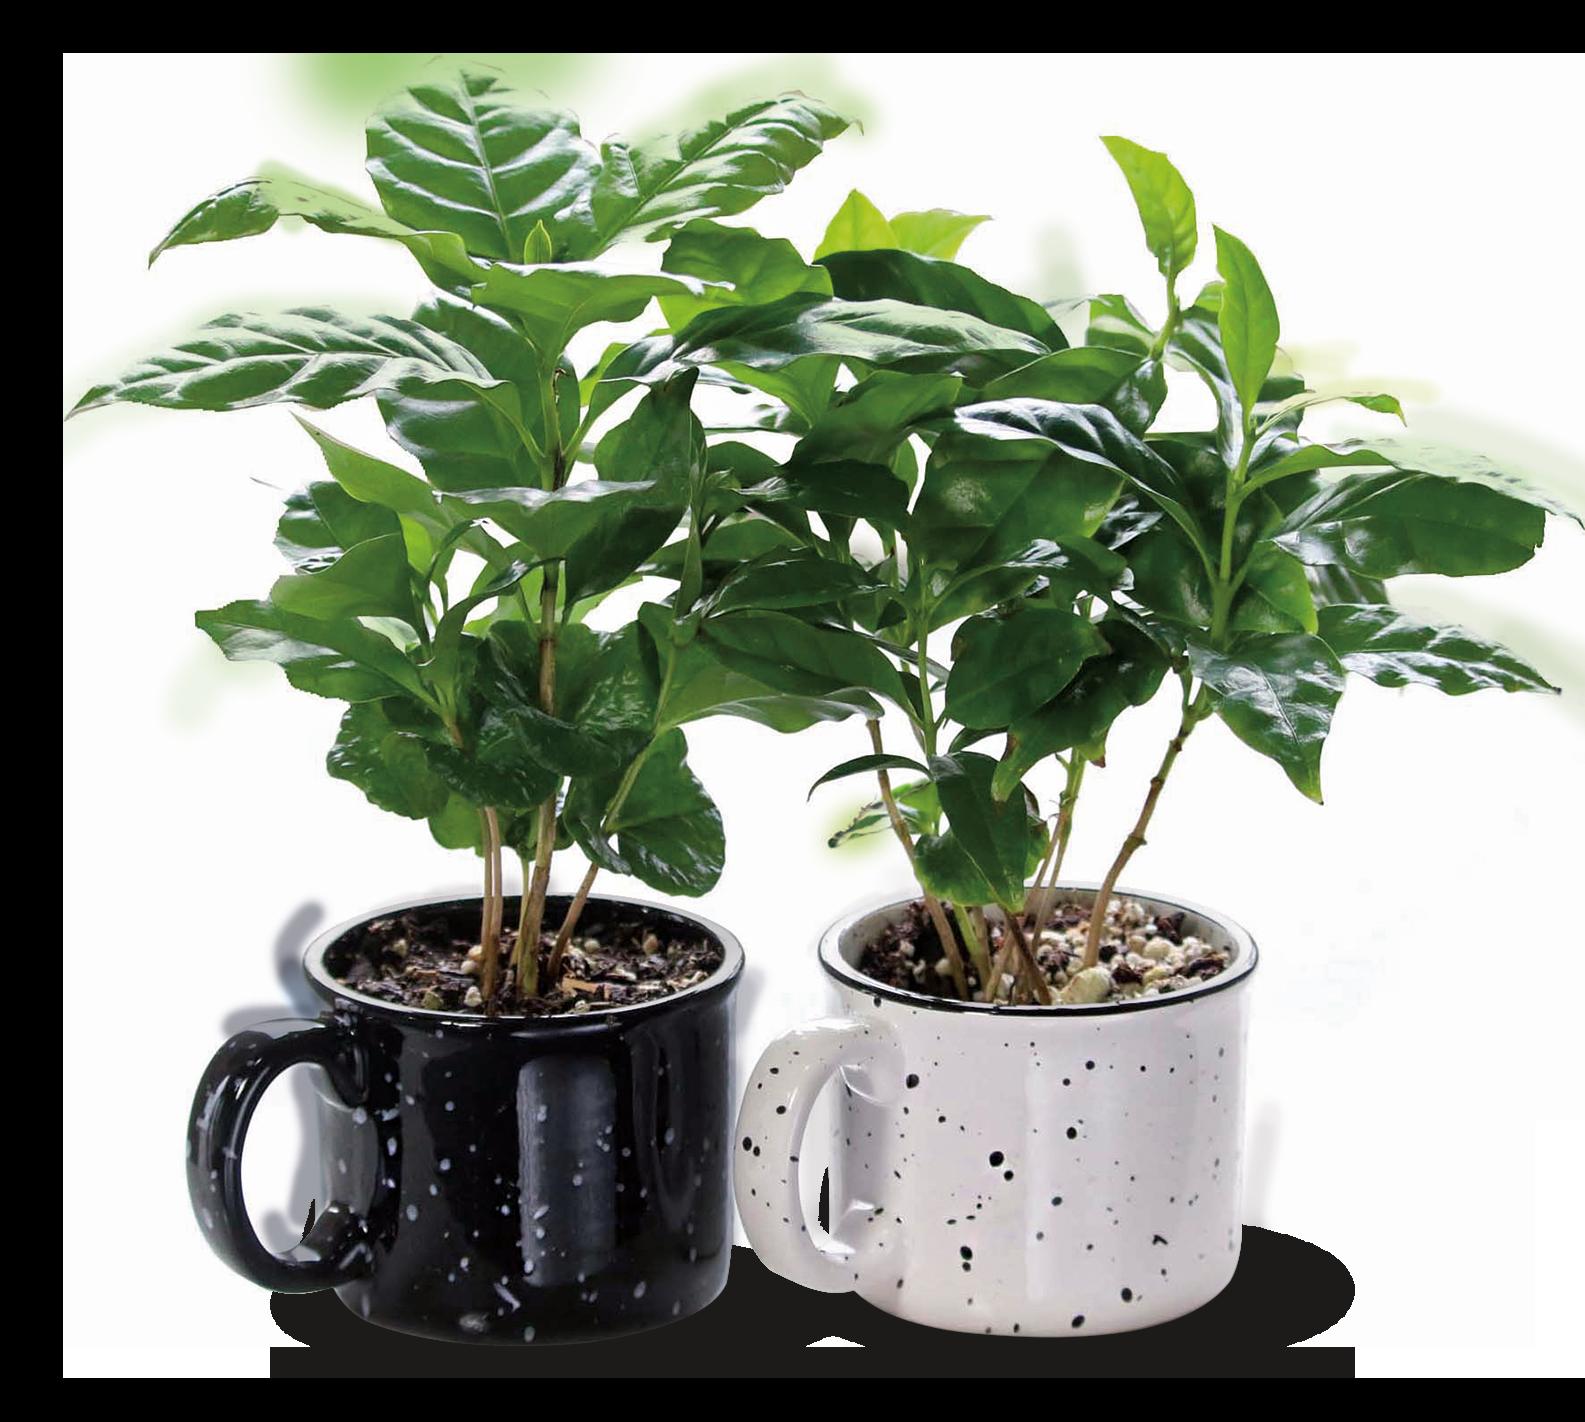 Coffee Plant at Aldi